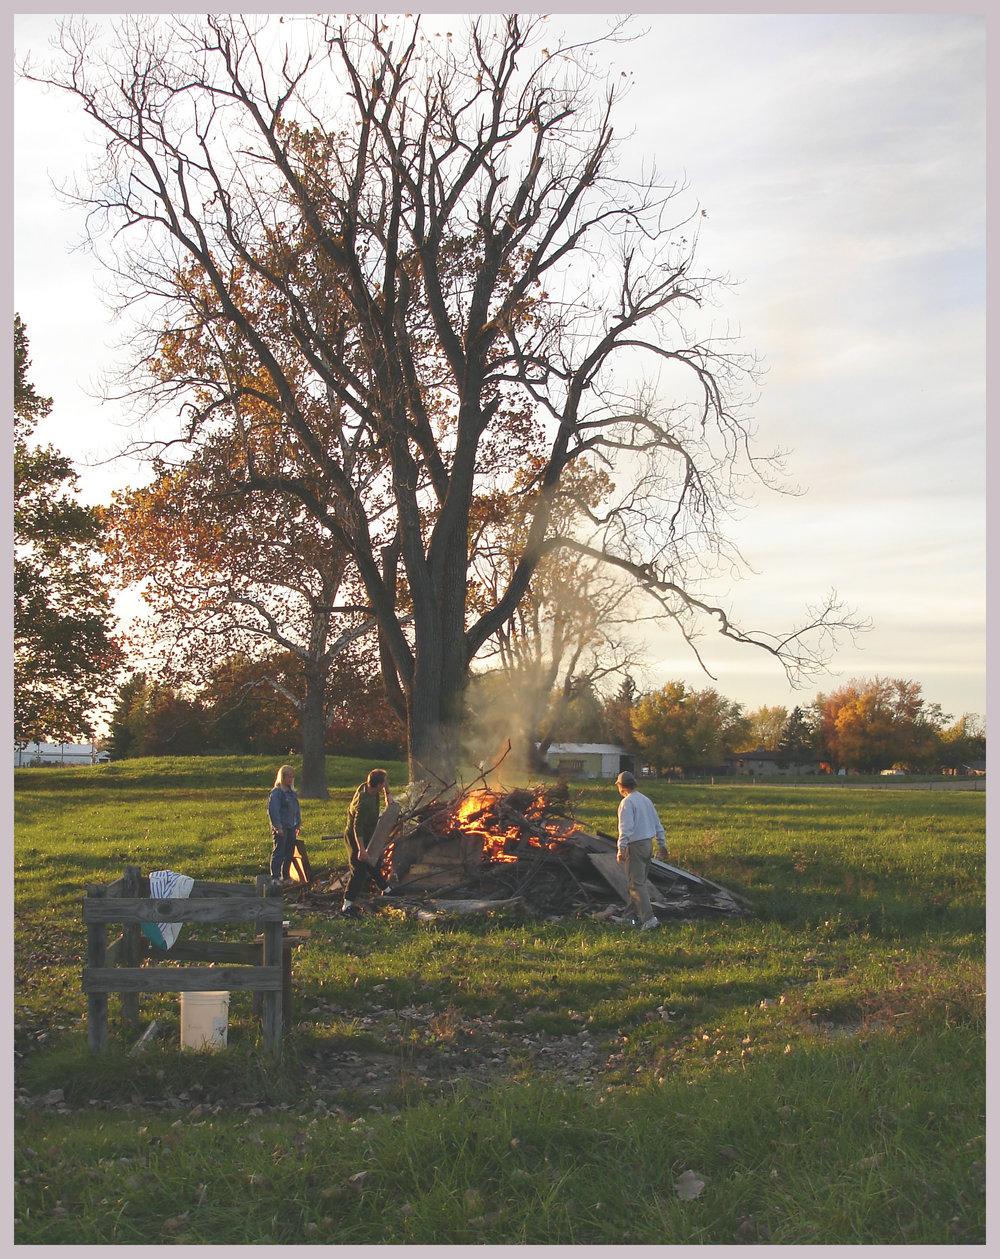 vertical bonfire from distance fall 06 (1)_edited-2.jpg